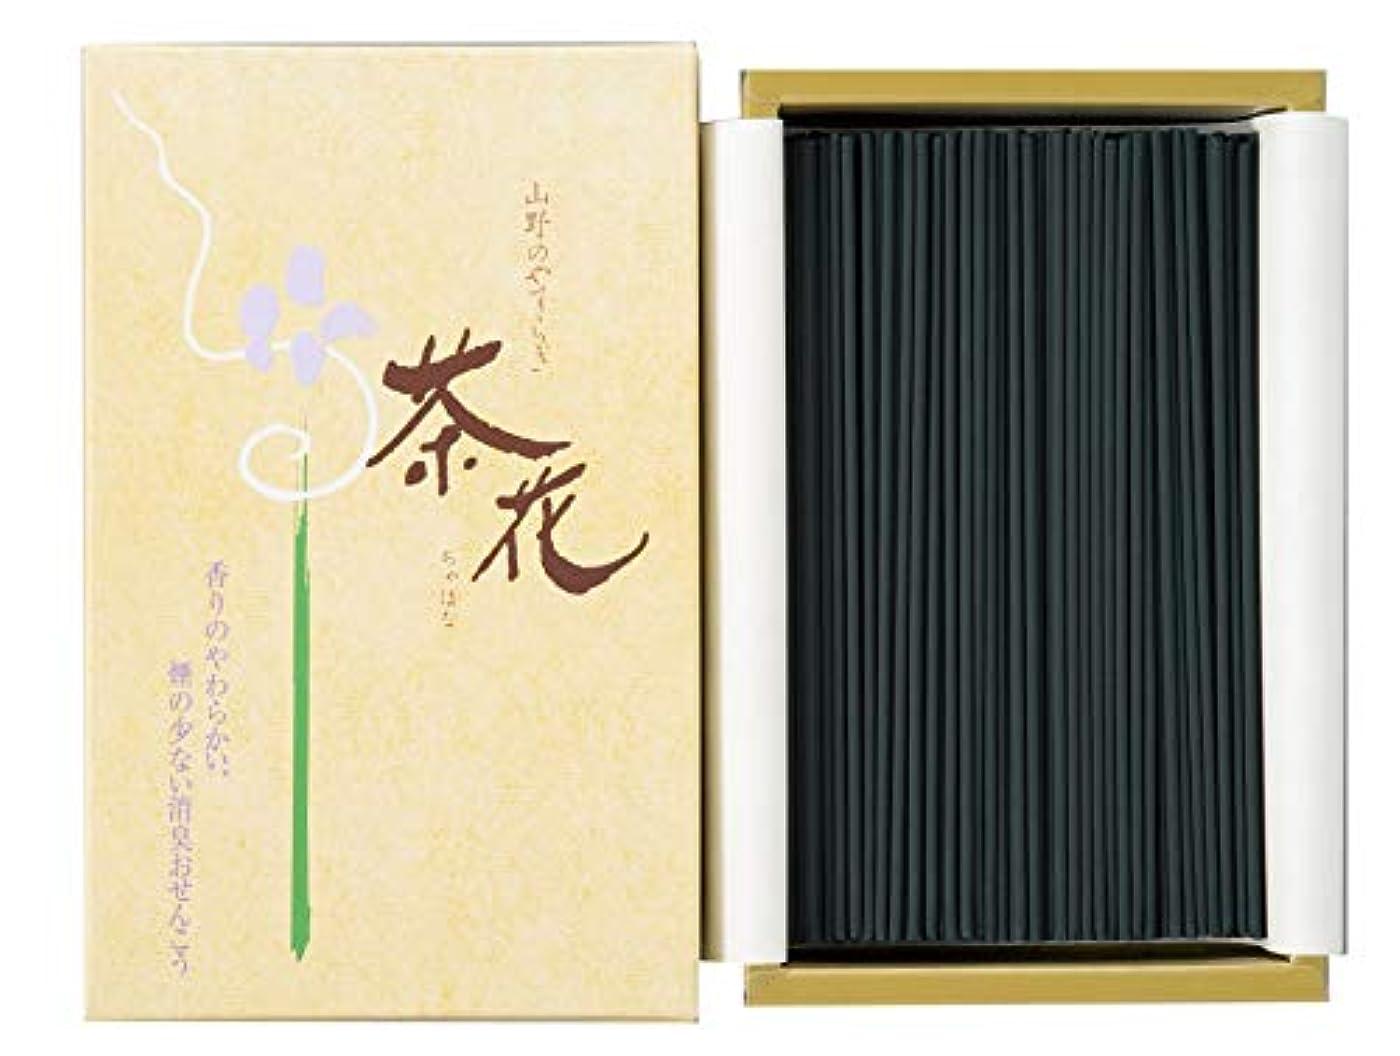 尚林堂 茶花少煙タイプ 短寸 大型バラ詰 159120-1000